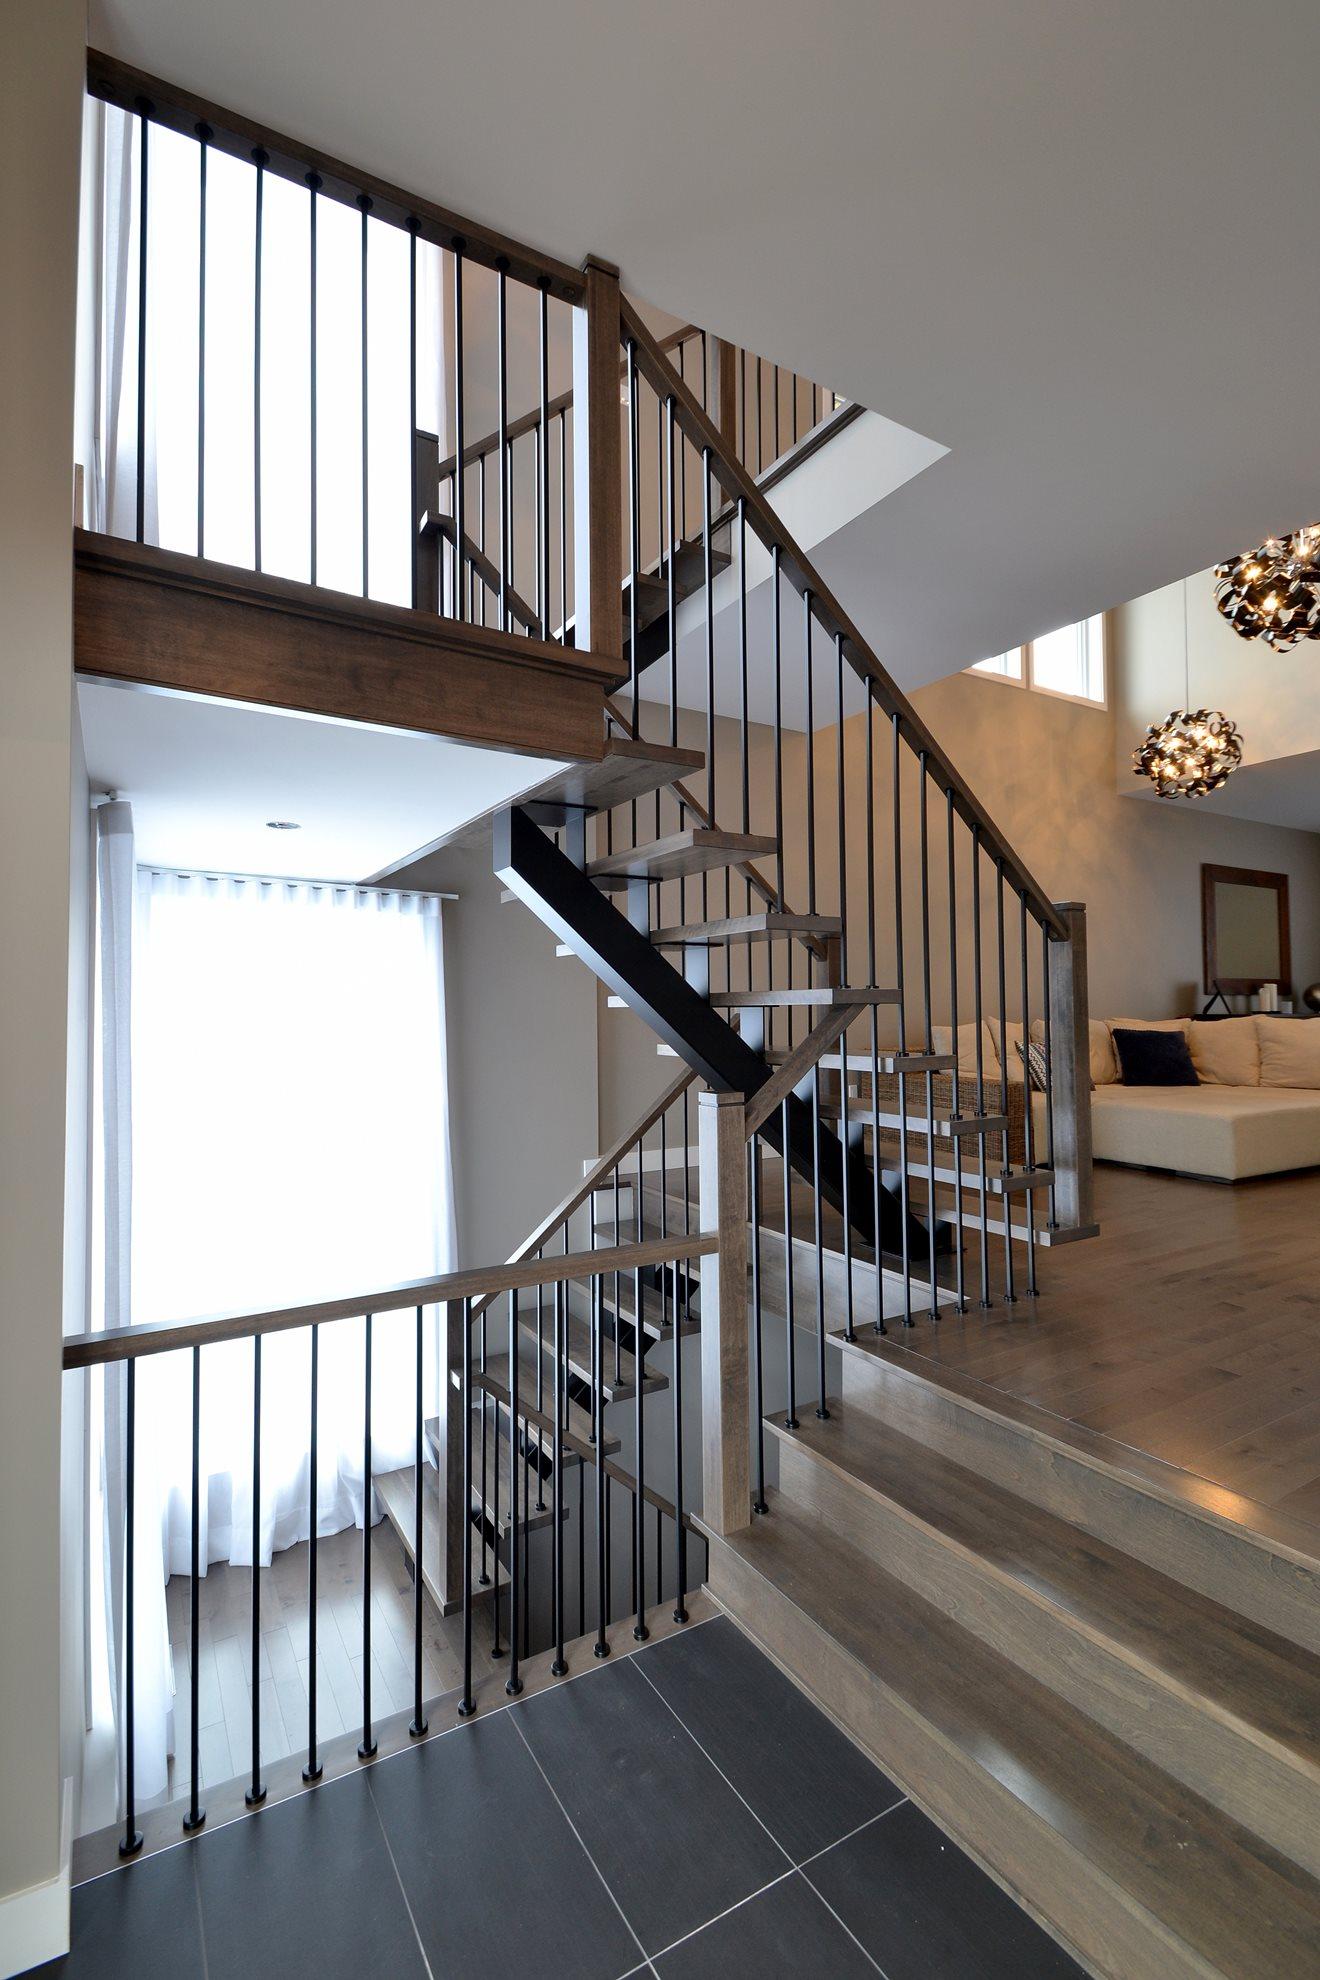 Escalier barreaux de métal